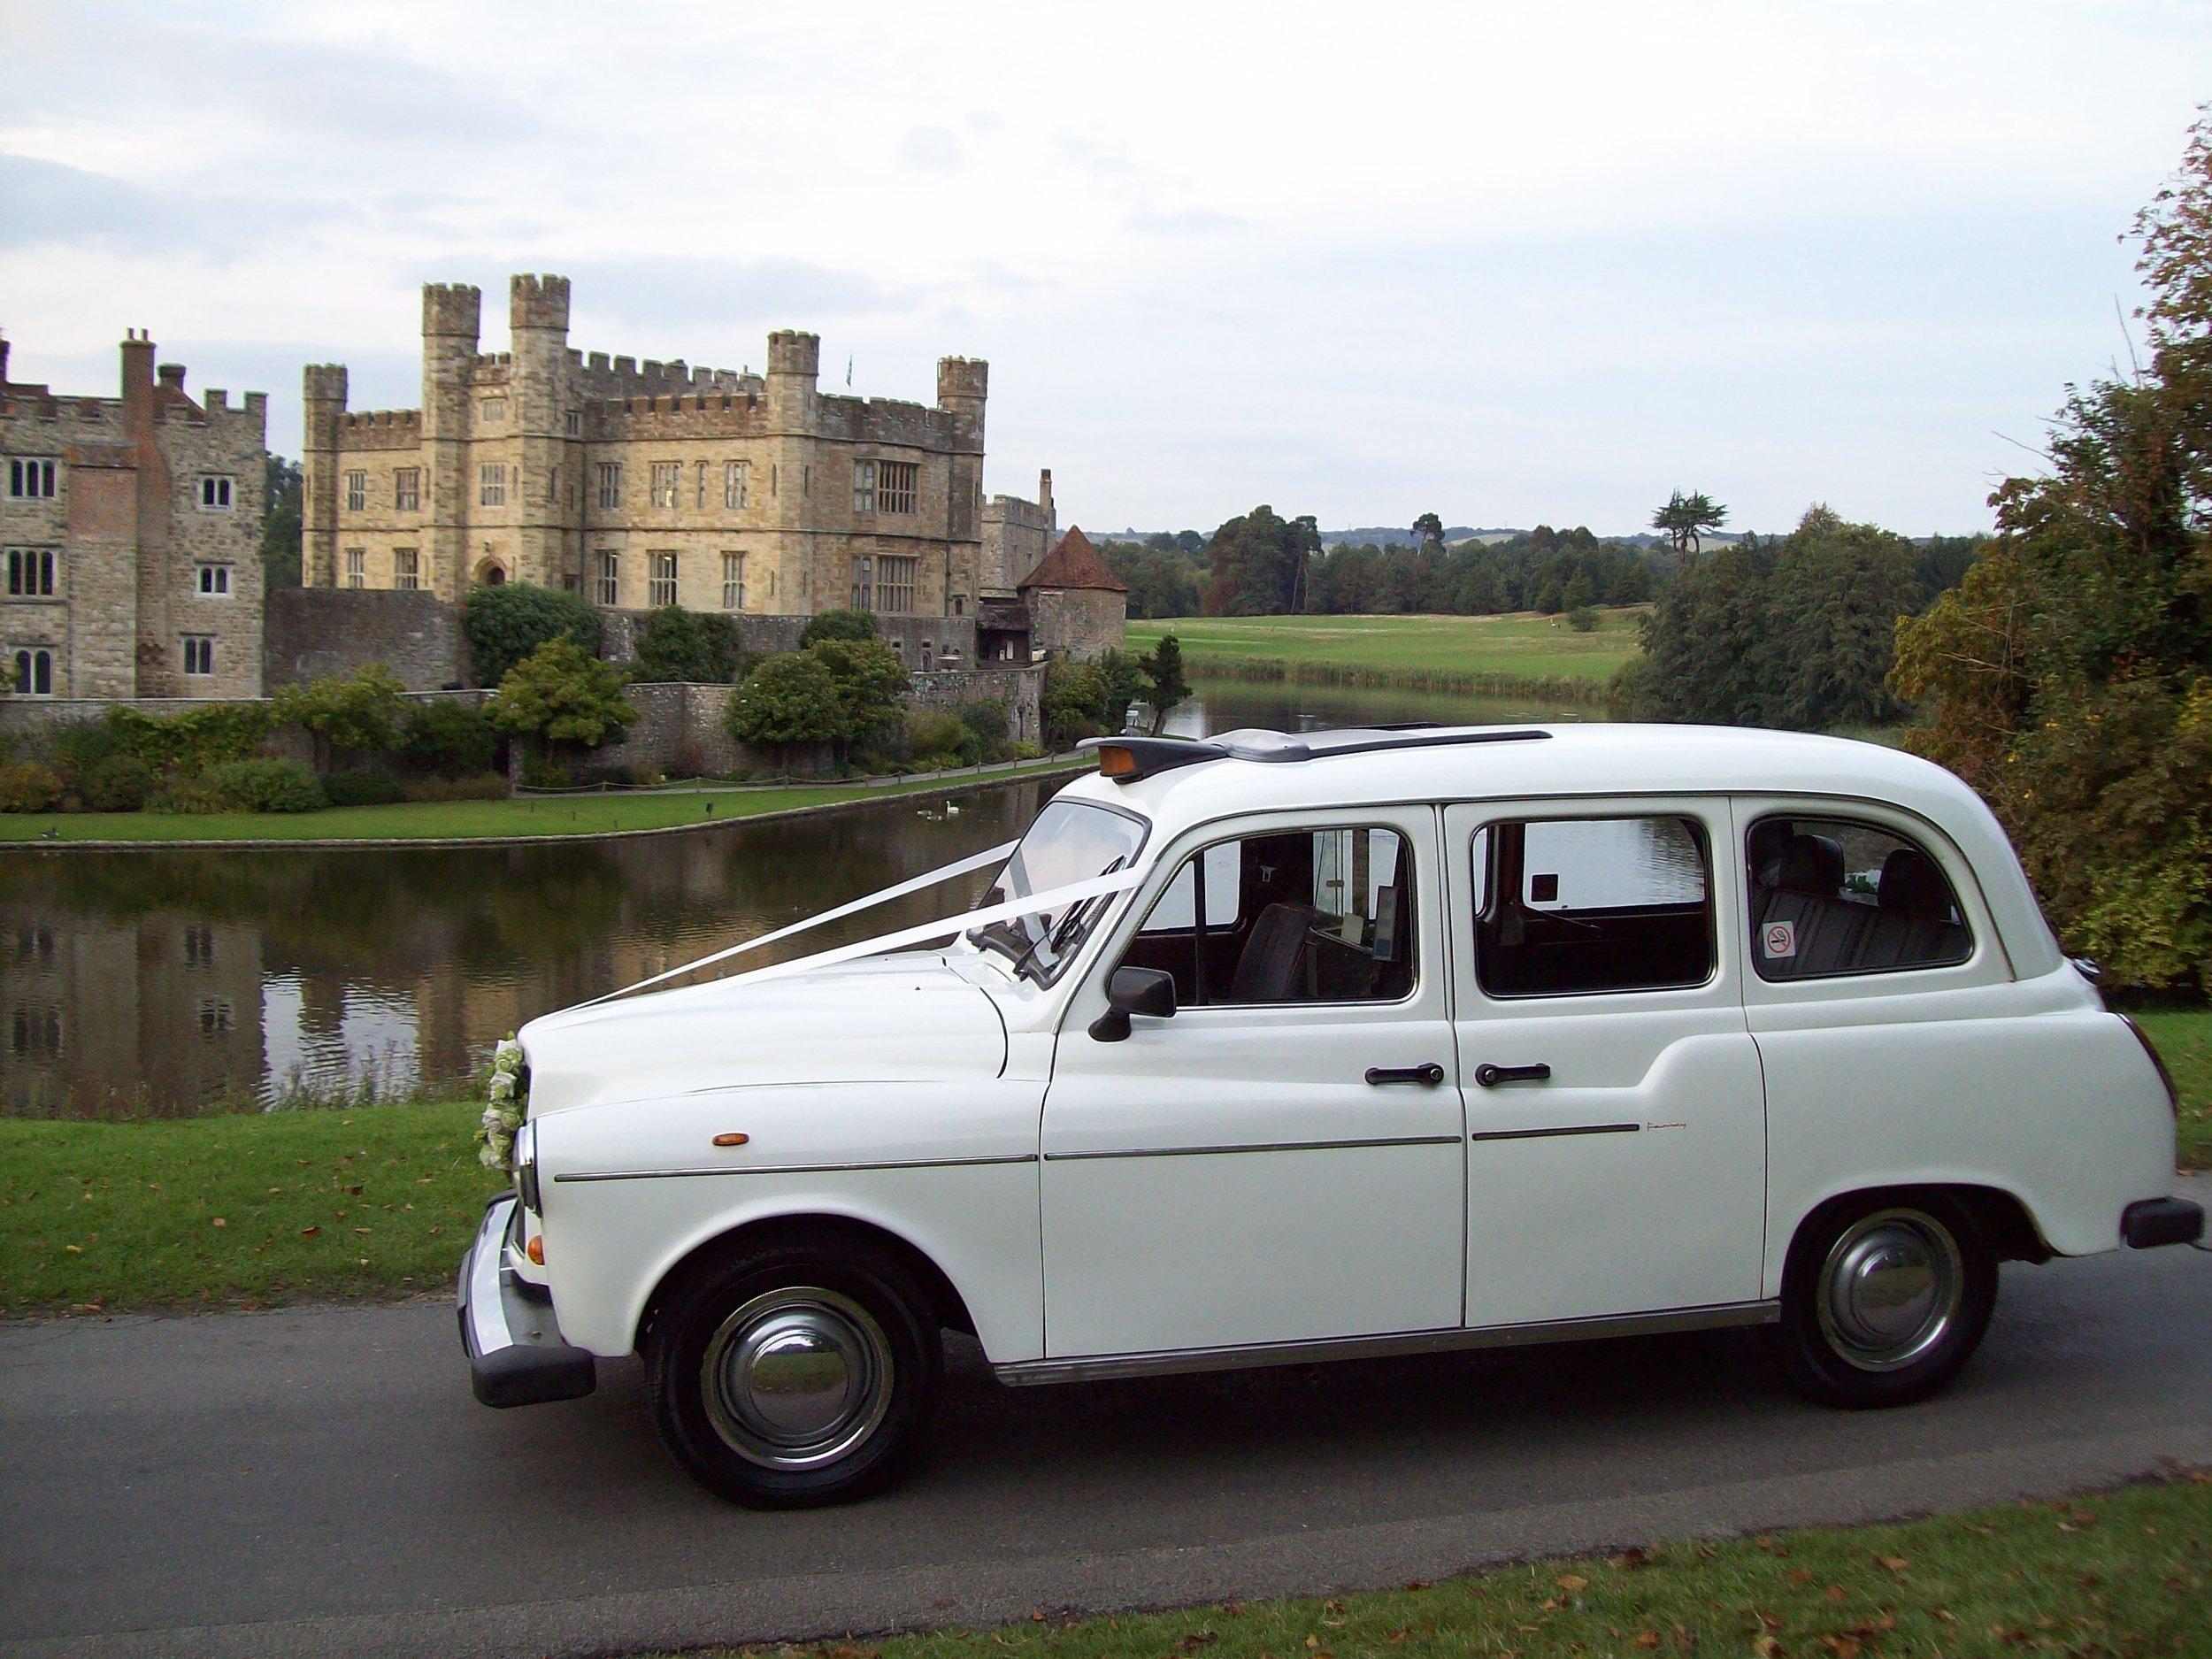 White London Fairway Wedding Taxi